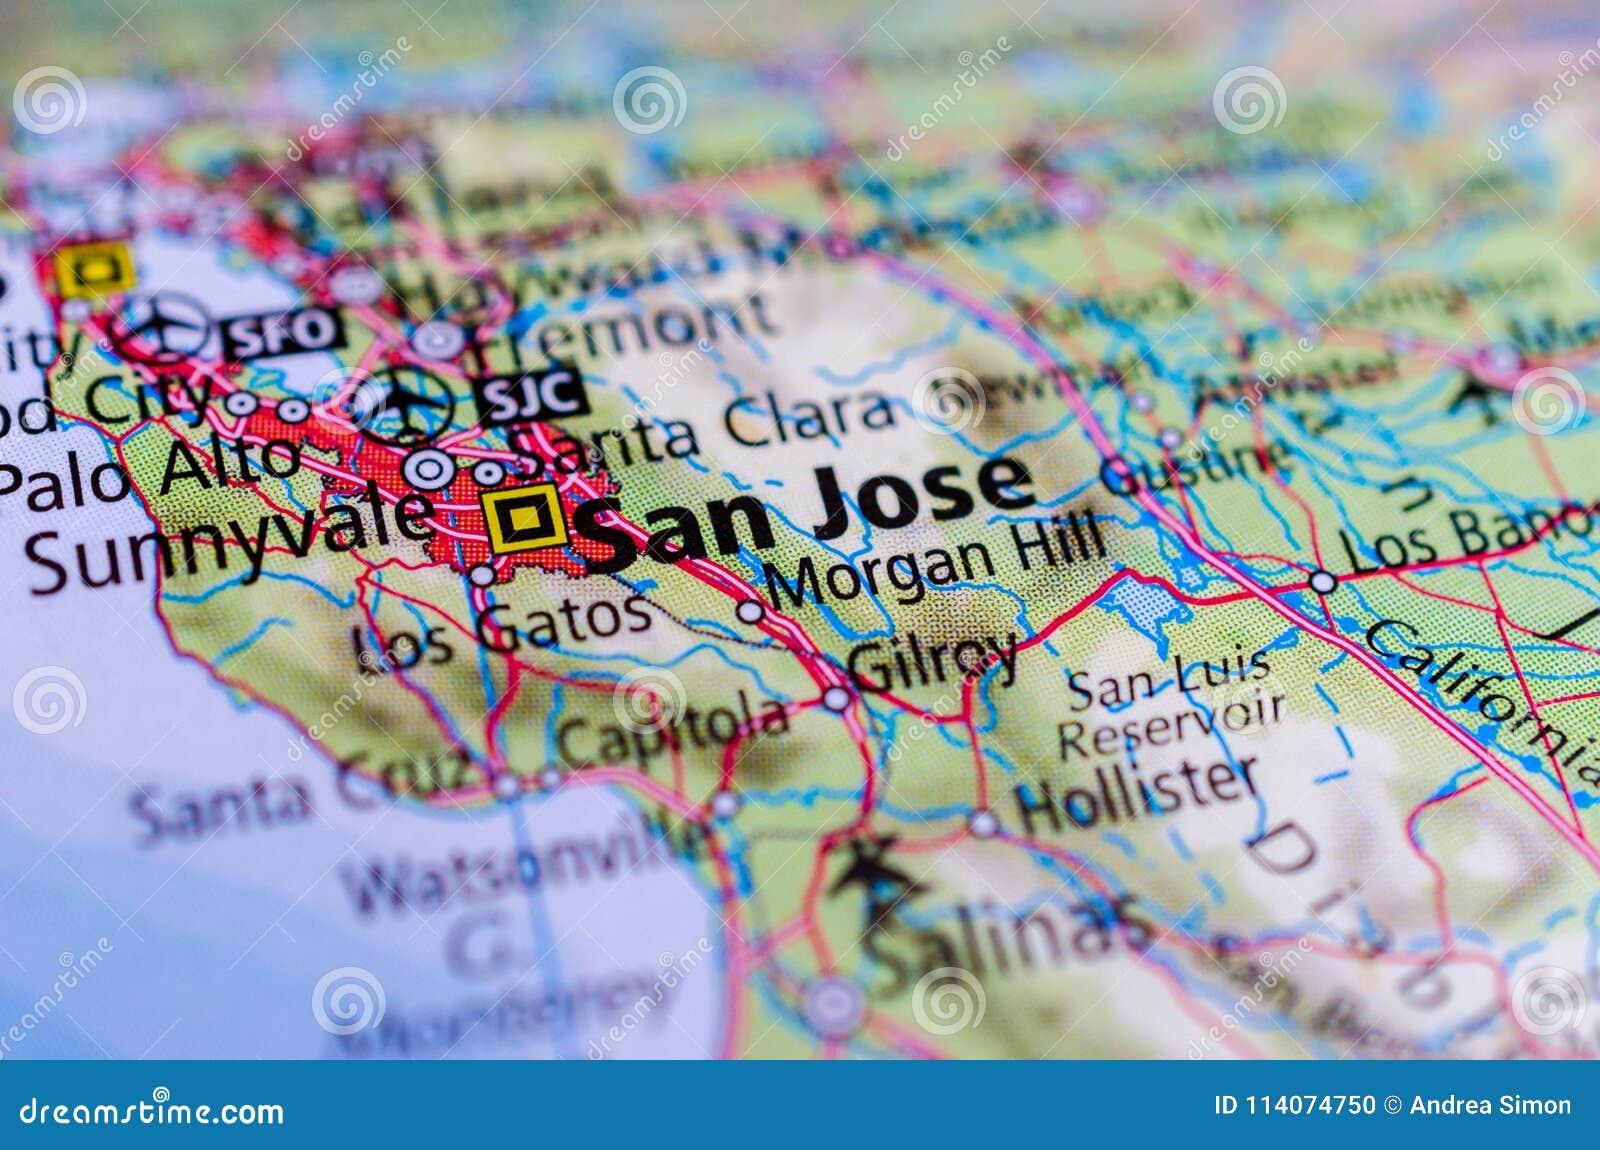 Silicon Valley Karte.San Jose Kalifornien Auf Karte Stockfoto Bild Von Mitte